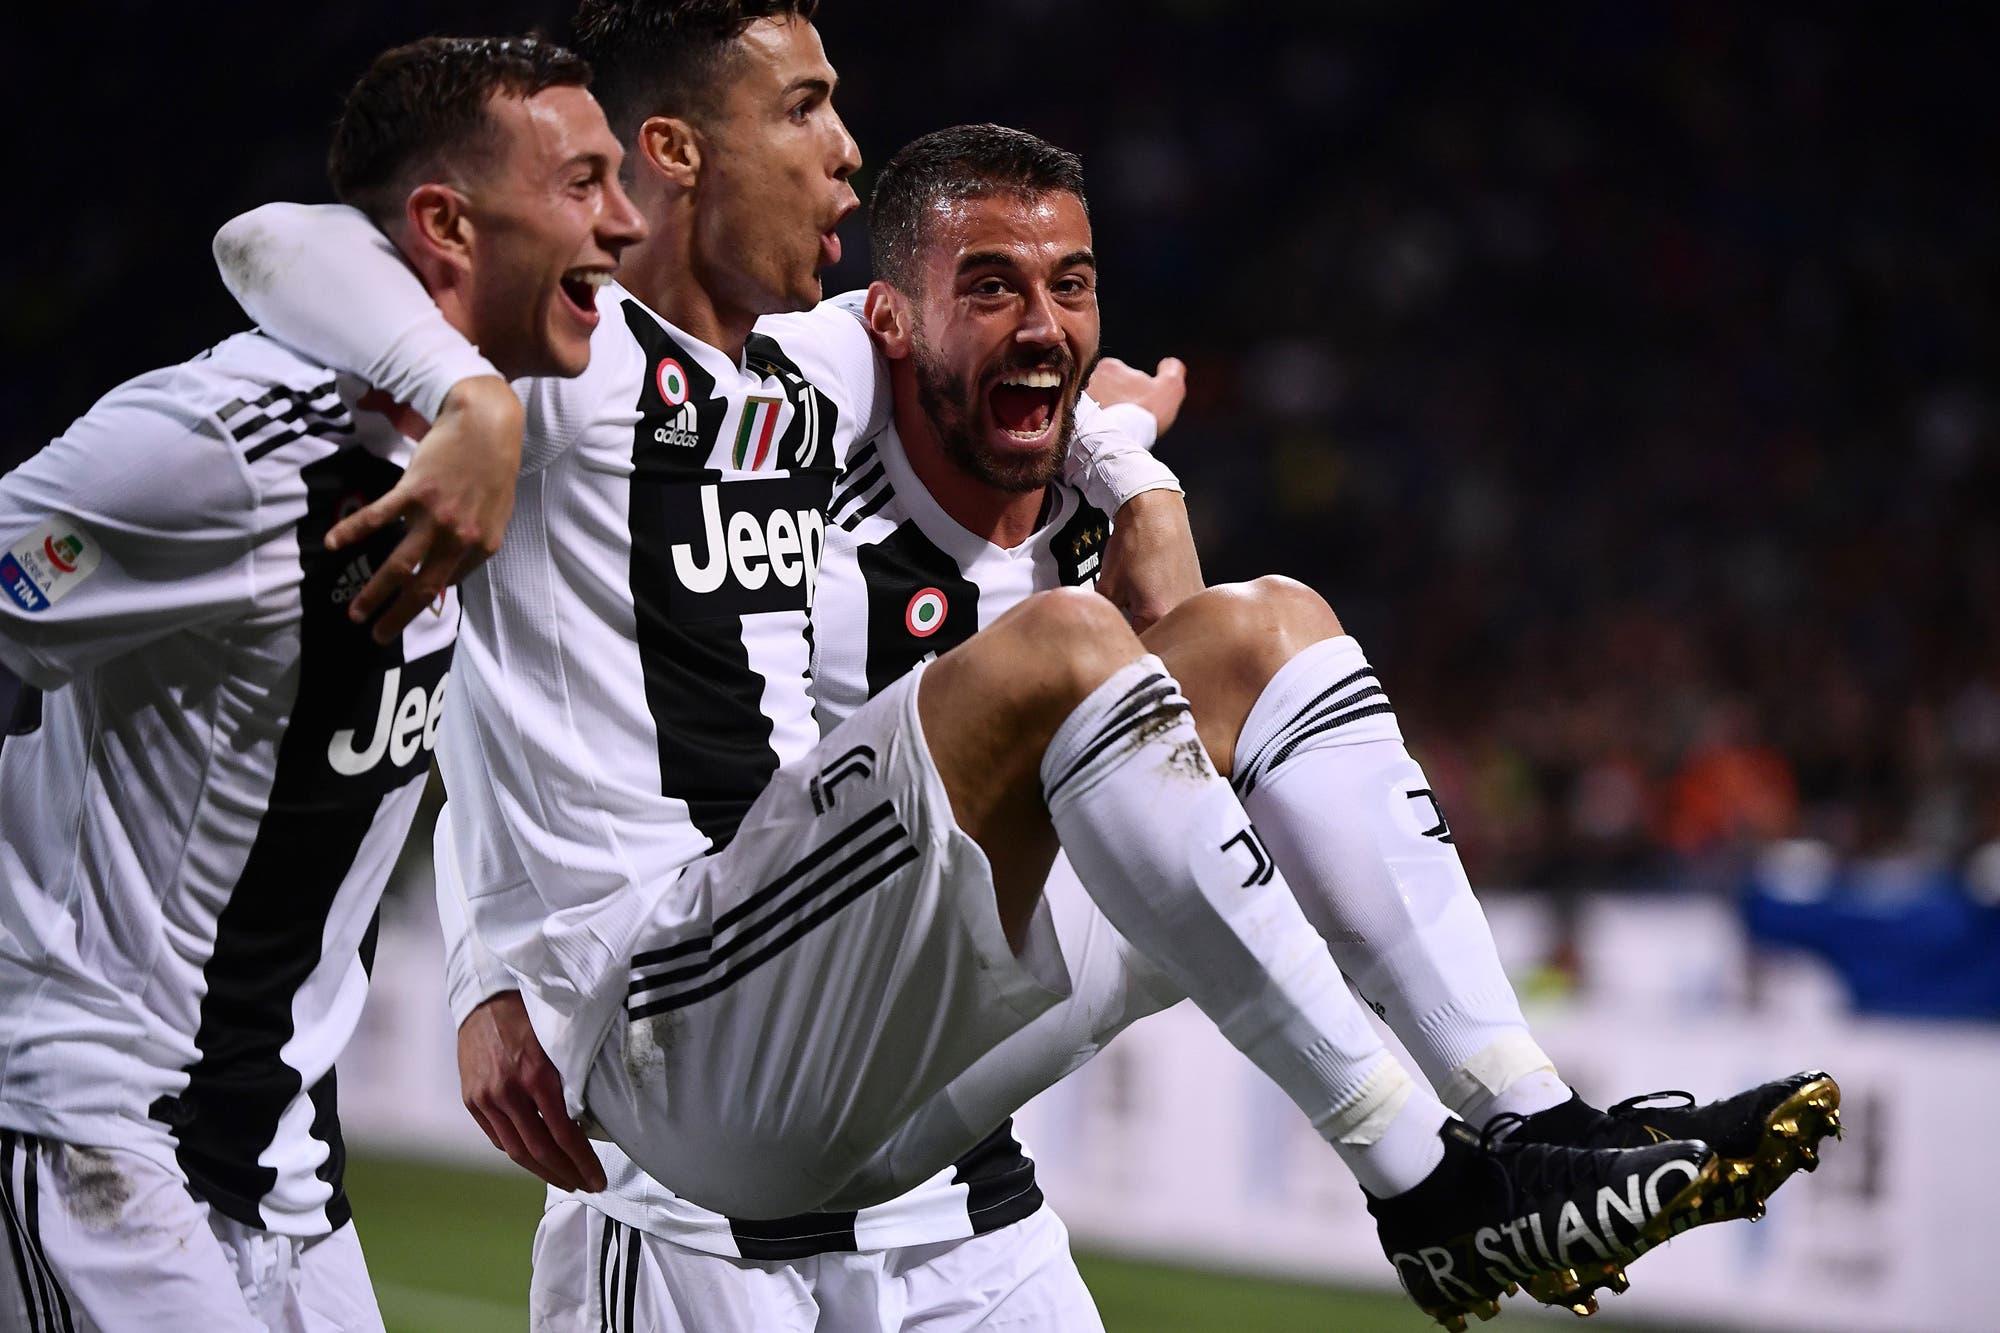 Perlitas de Europa: el gol 600 de Cristiano Ronaldo, el Leeds de Bielsa contra las cuerdas y un raro despido